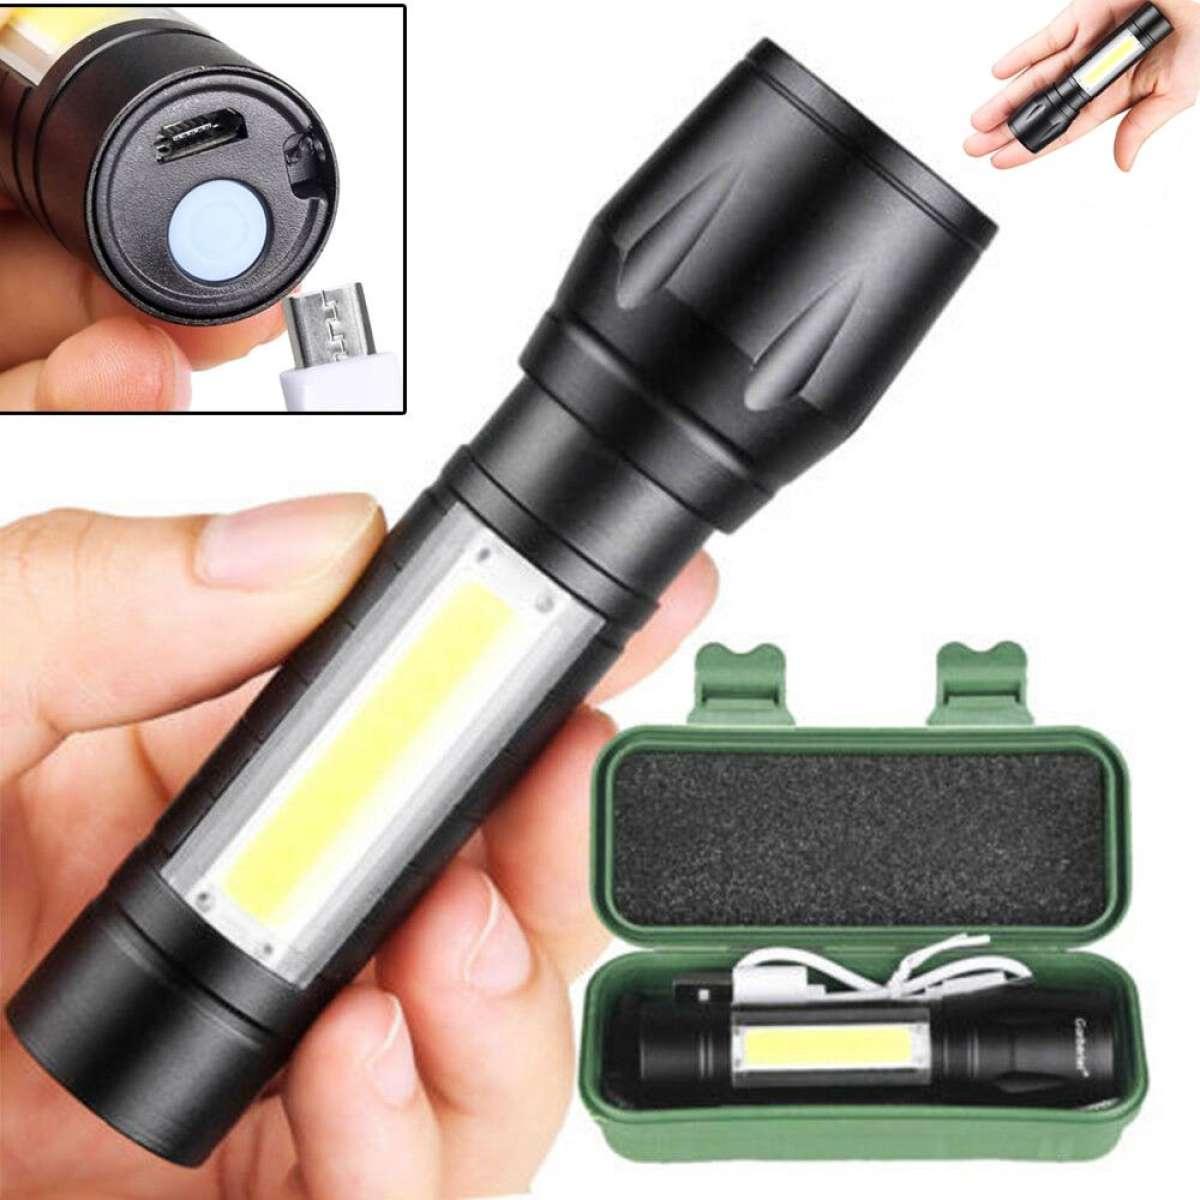 Zoomable Mini Led Flash Light Aluminum Pen Torch Emergency Penlight Cob Flashlight